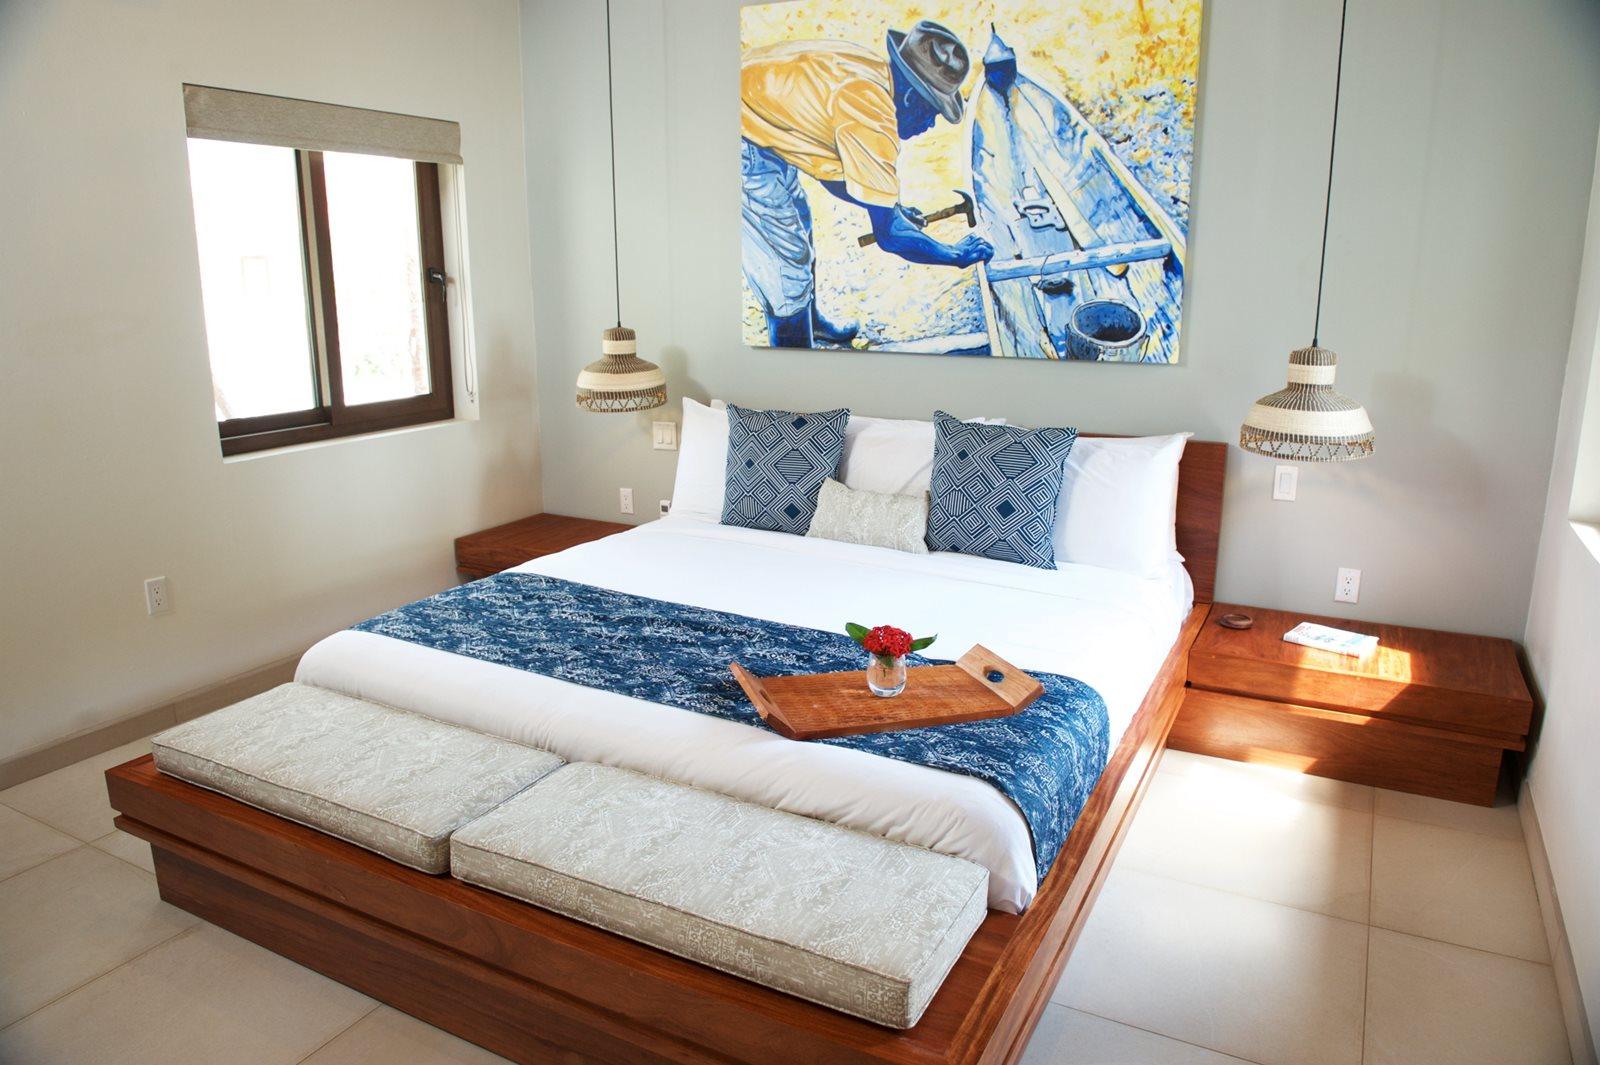 NAIA_Room.jpg